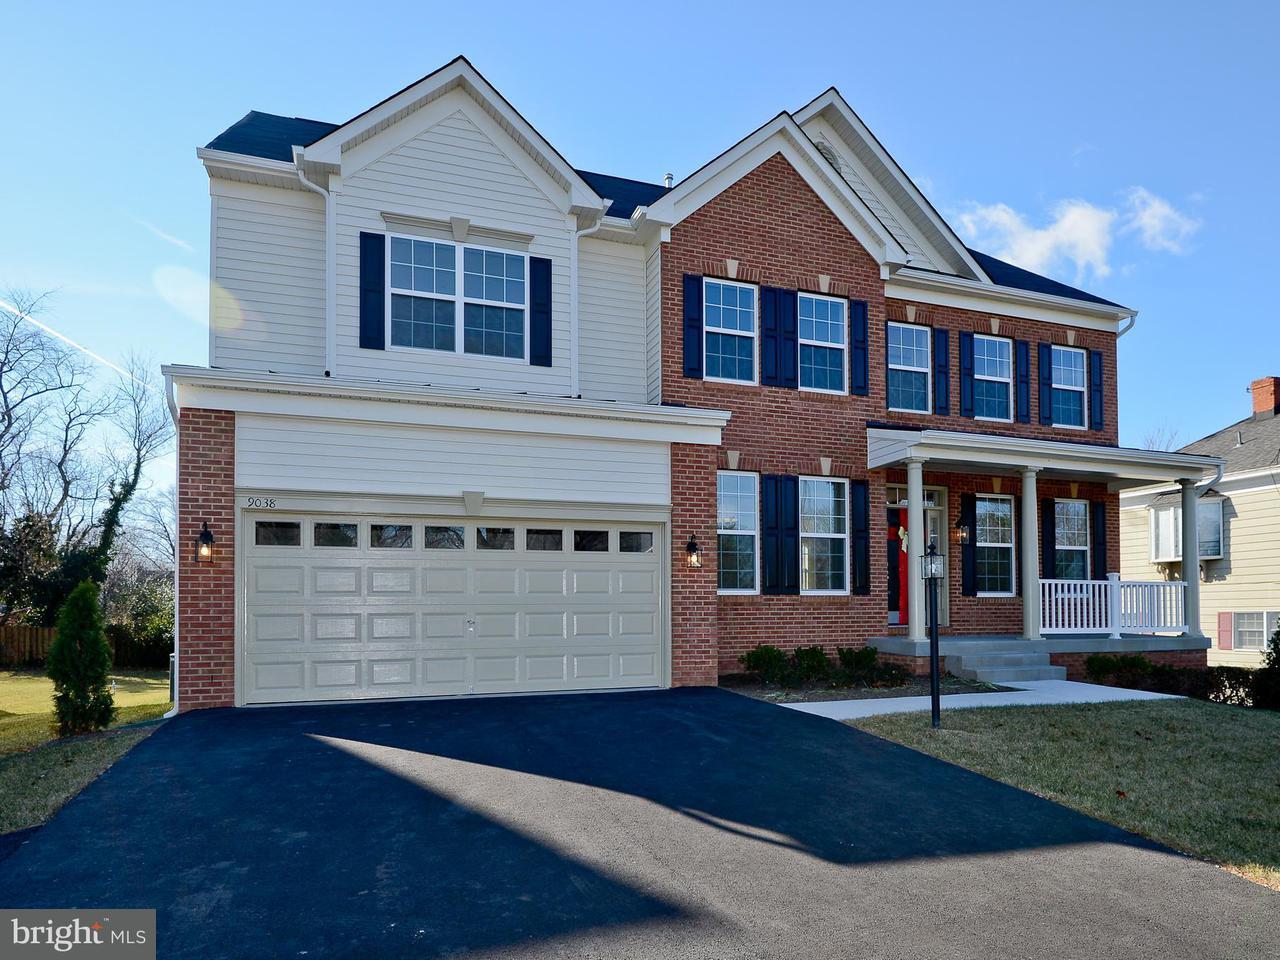 Частный односемейный дом для того Продажа на 9038 SUDLEY RD #15A 9038 SUDLEY RD #15A Manassas, Виргиния 20110 Соединенные Штаты